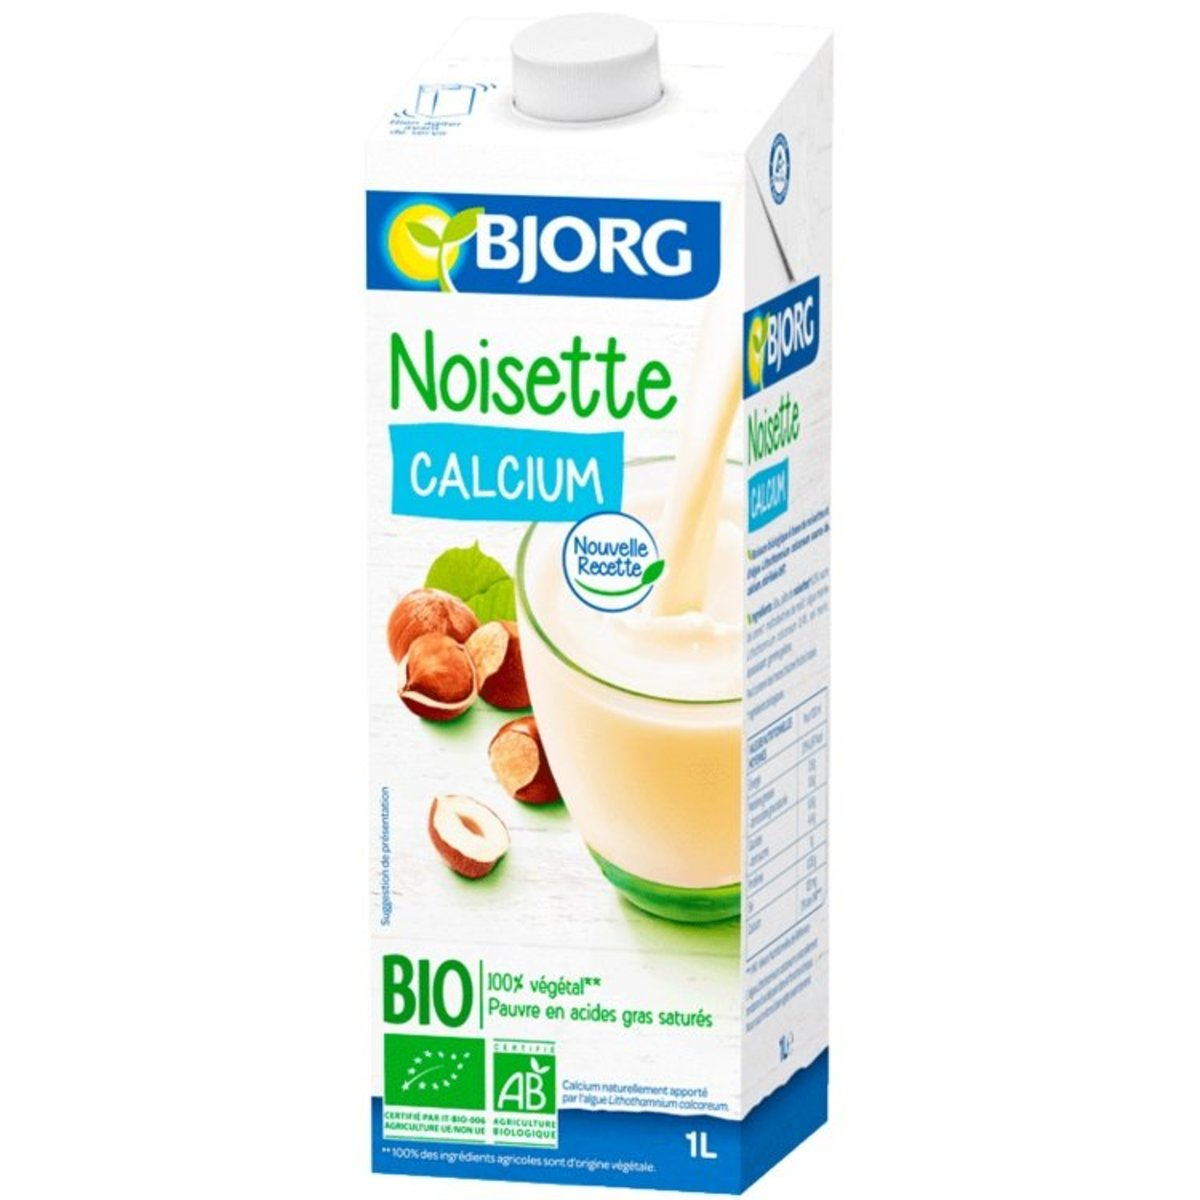 有機含鈣榛子飲料(1升)-(1枝) - 意大利 BJ3015619